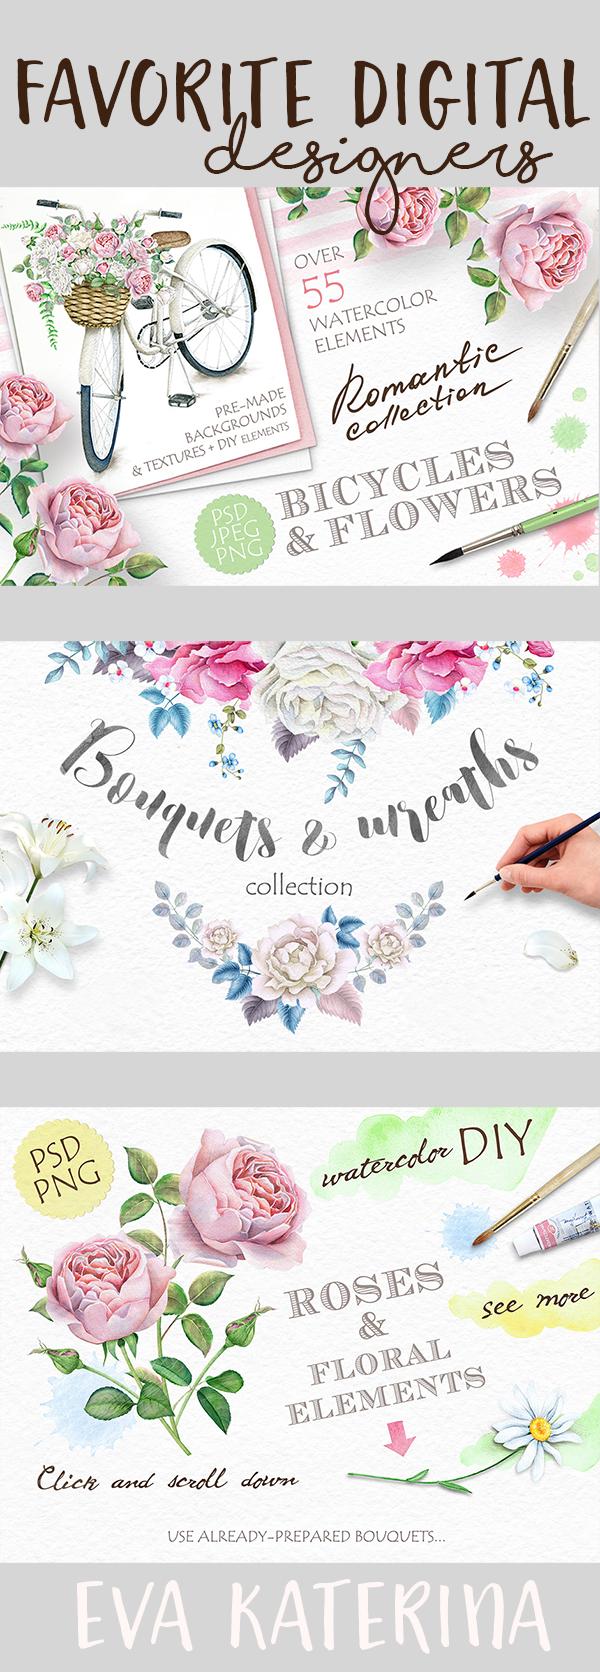 favorite-digtal-designers-eva-katerina